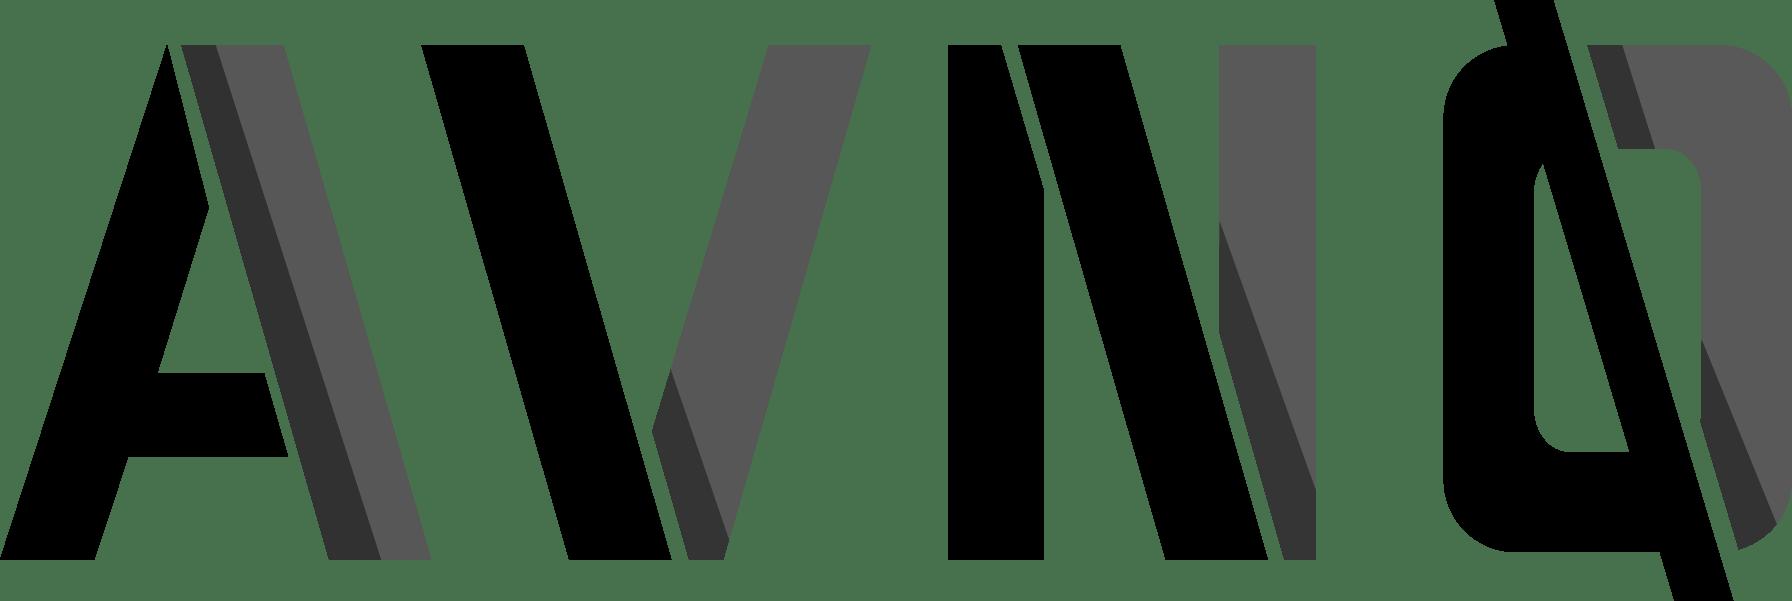 AVNOE logo